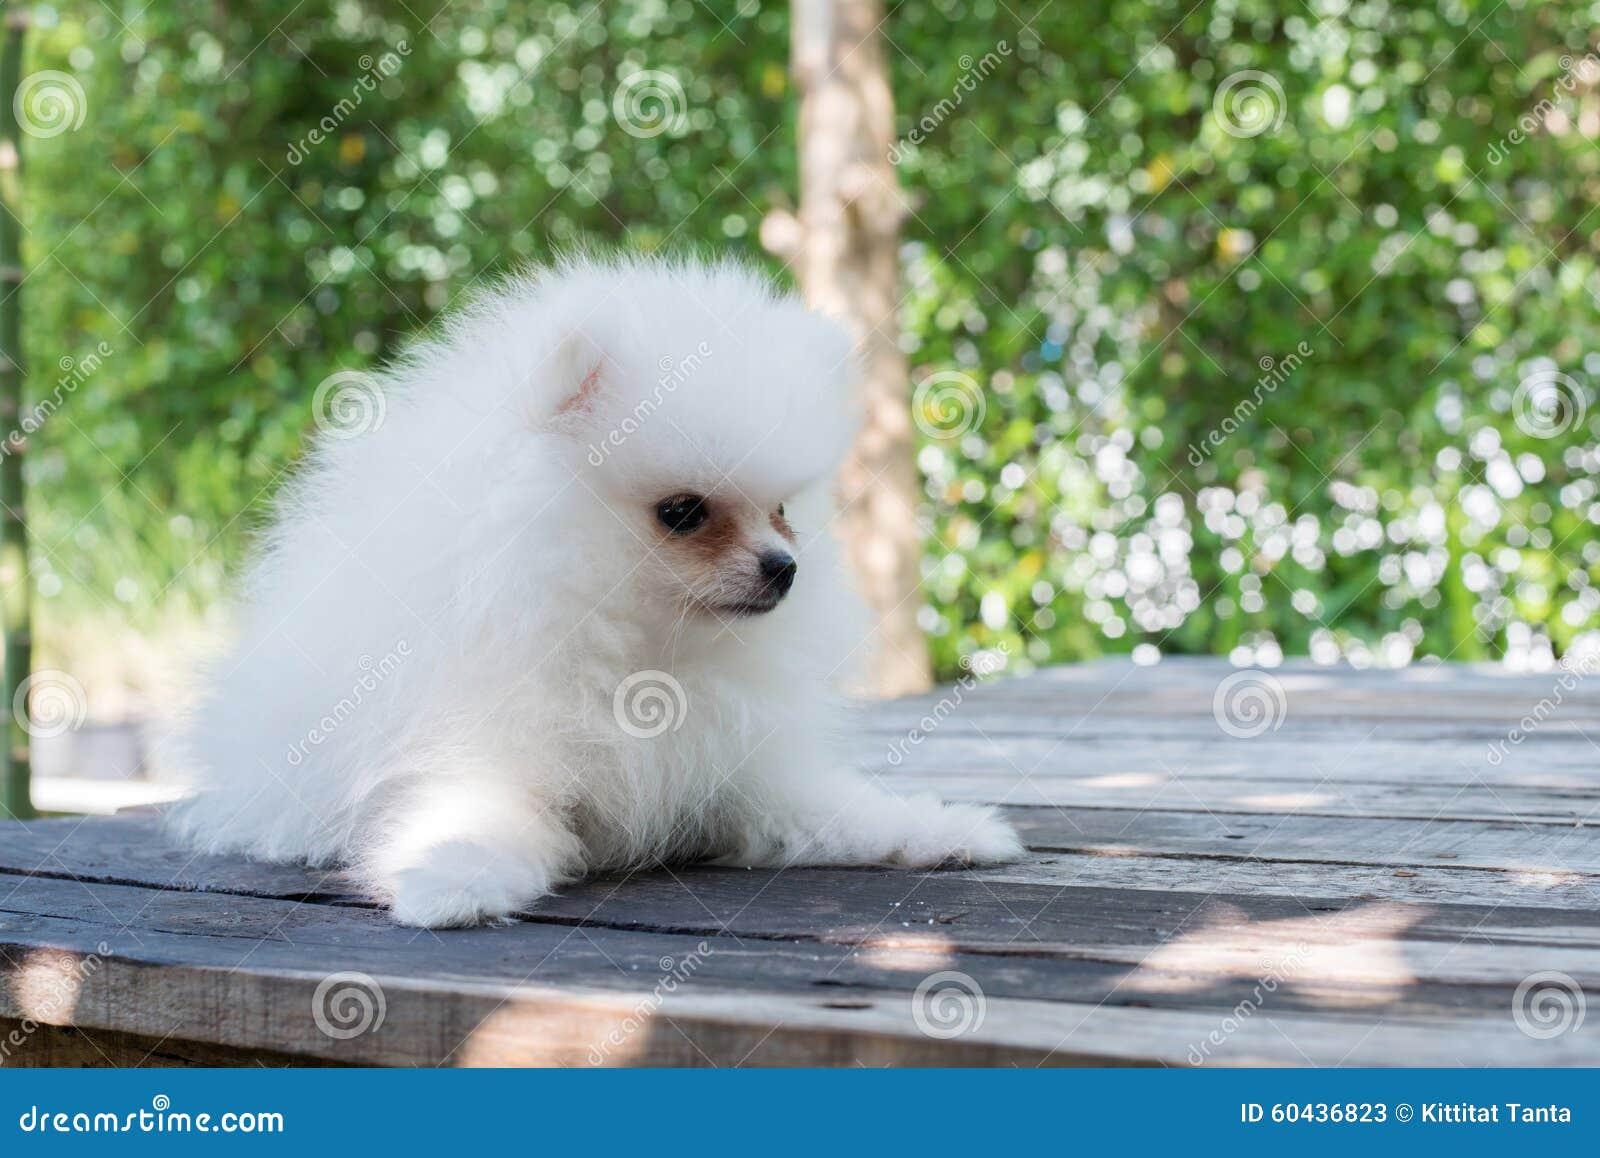 Small White Pomeranian Dog Stock Image Image Of Bushy 60436823